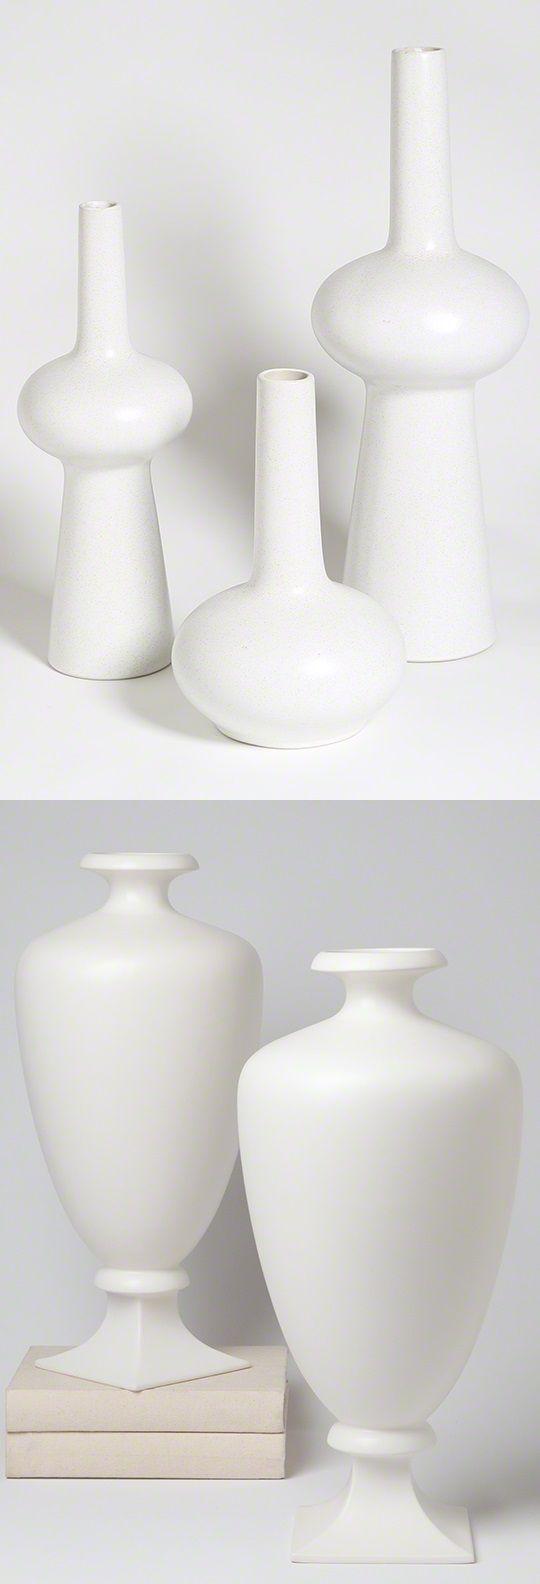 113 best white vases images on pinterest ceramic vase white vases white vase white vases for sale white bowls white bowl reviewsmspy